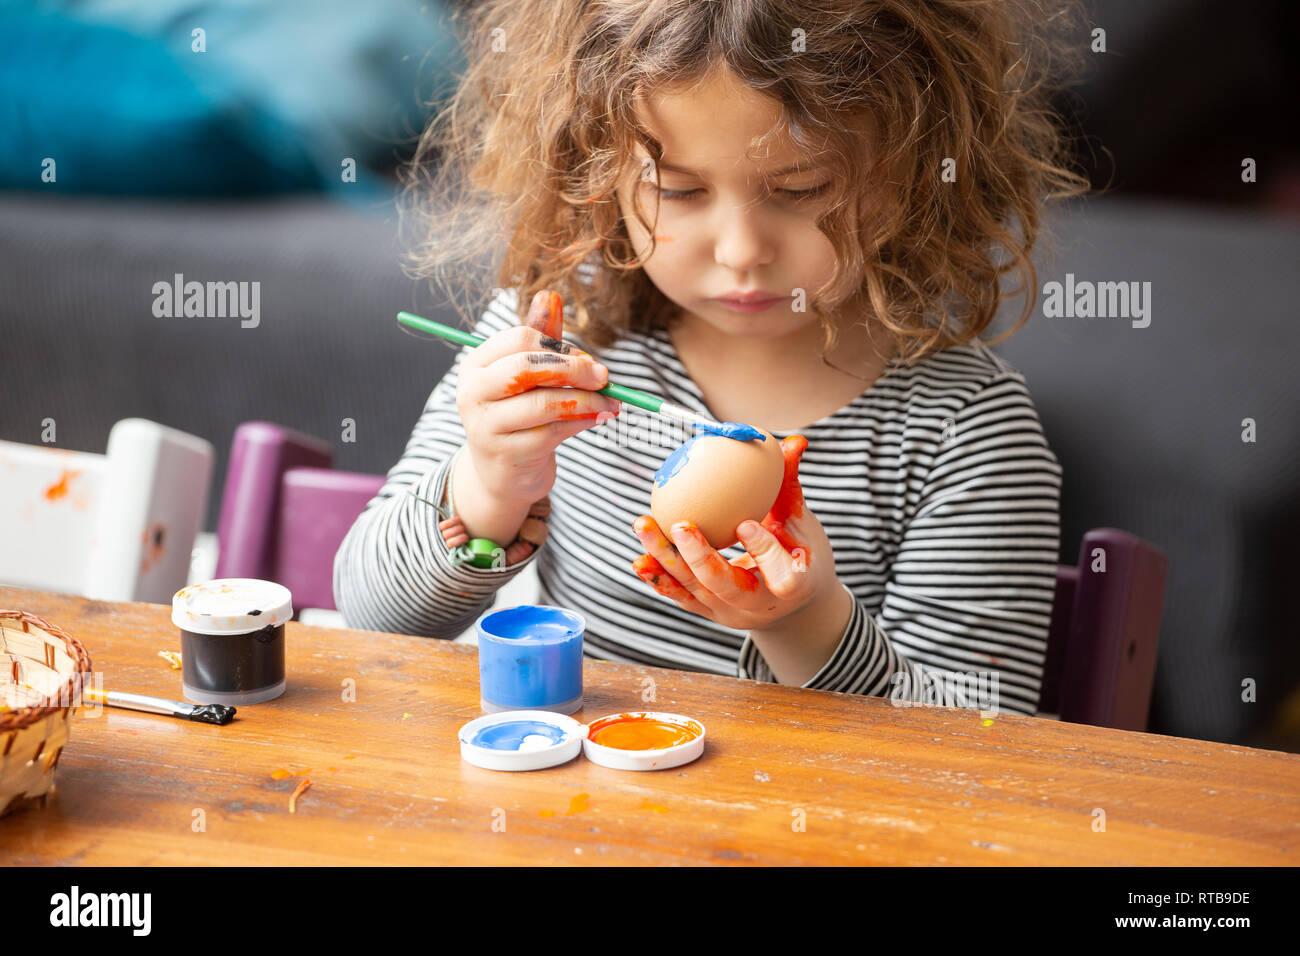 Kleinkind Mädchen Malerei Ei am Tisch Stockbild